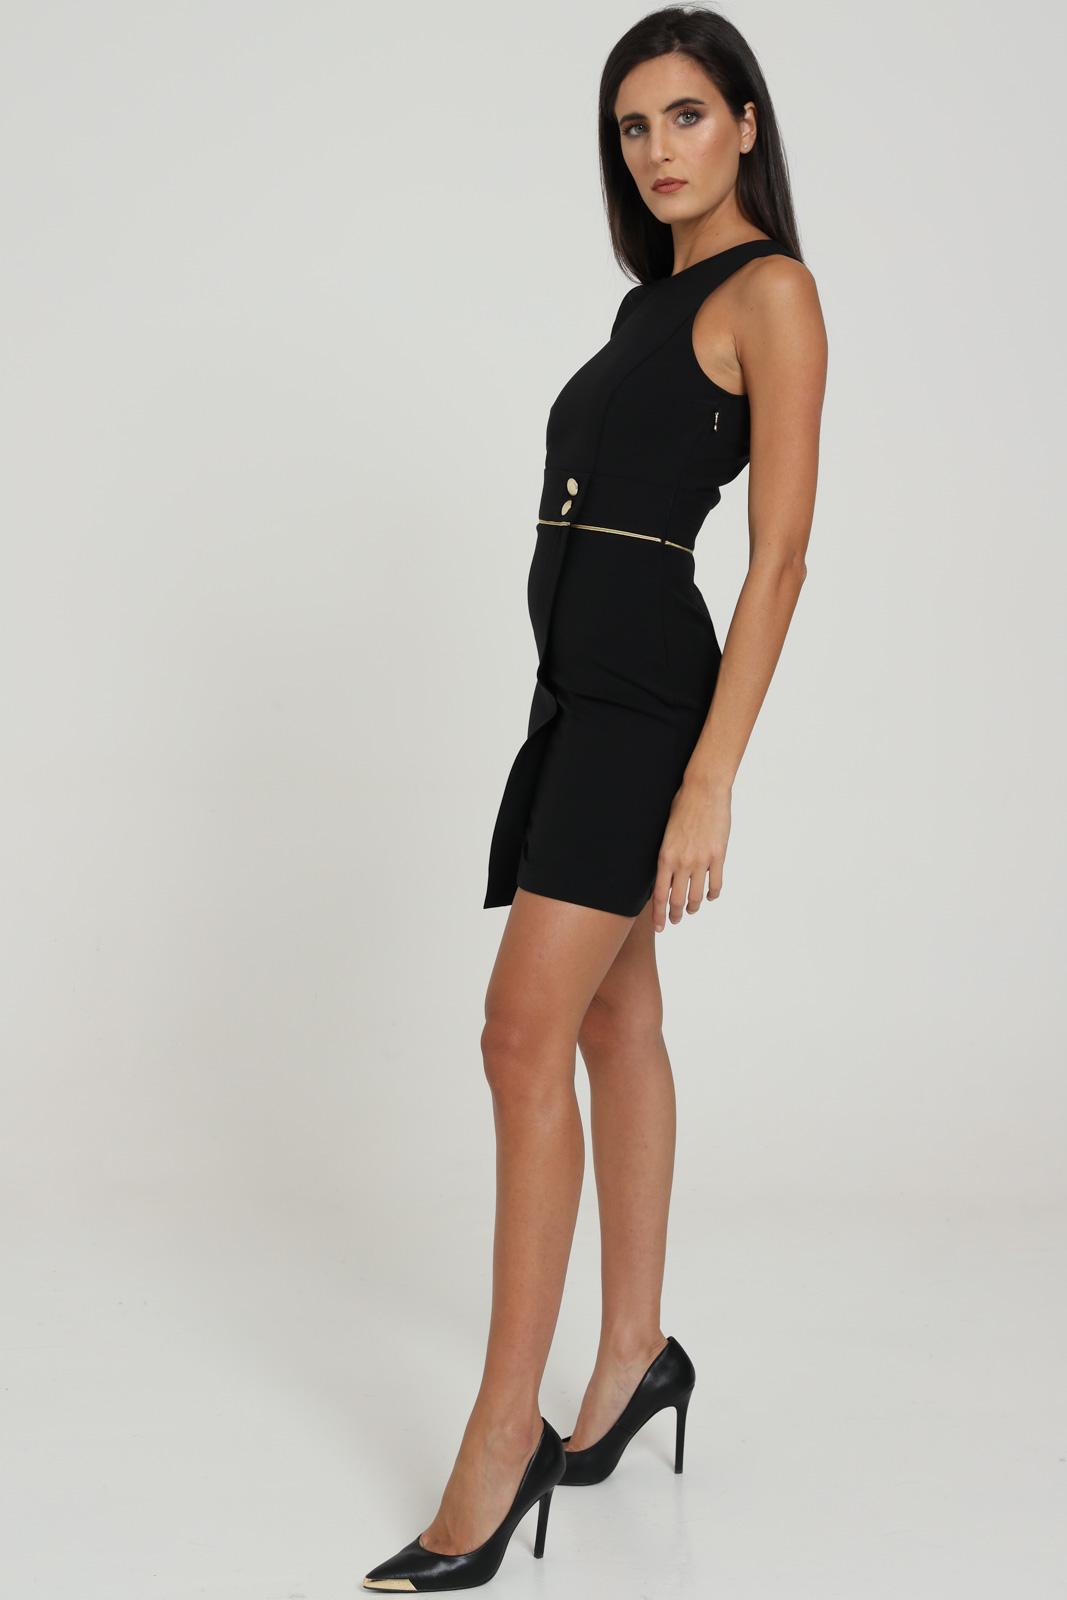 PATRIZIA PEPE | Dress | 8A0763/A7M9K103